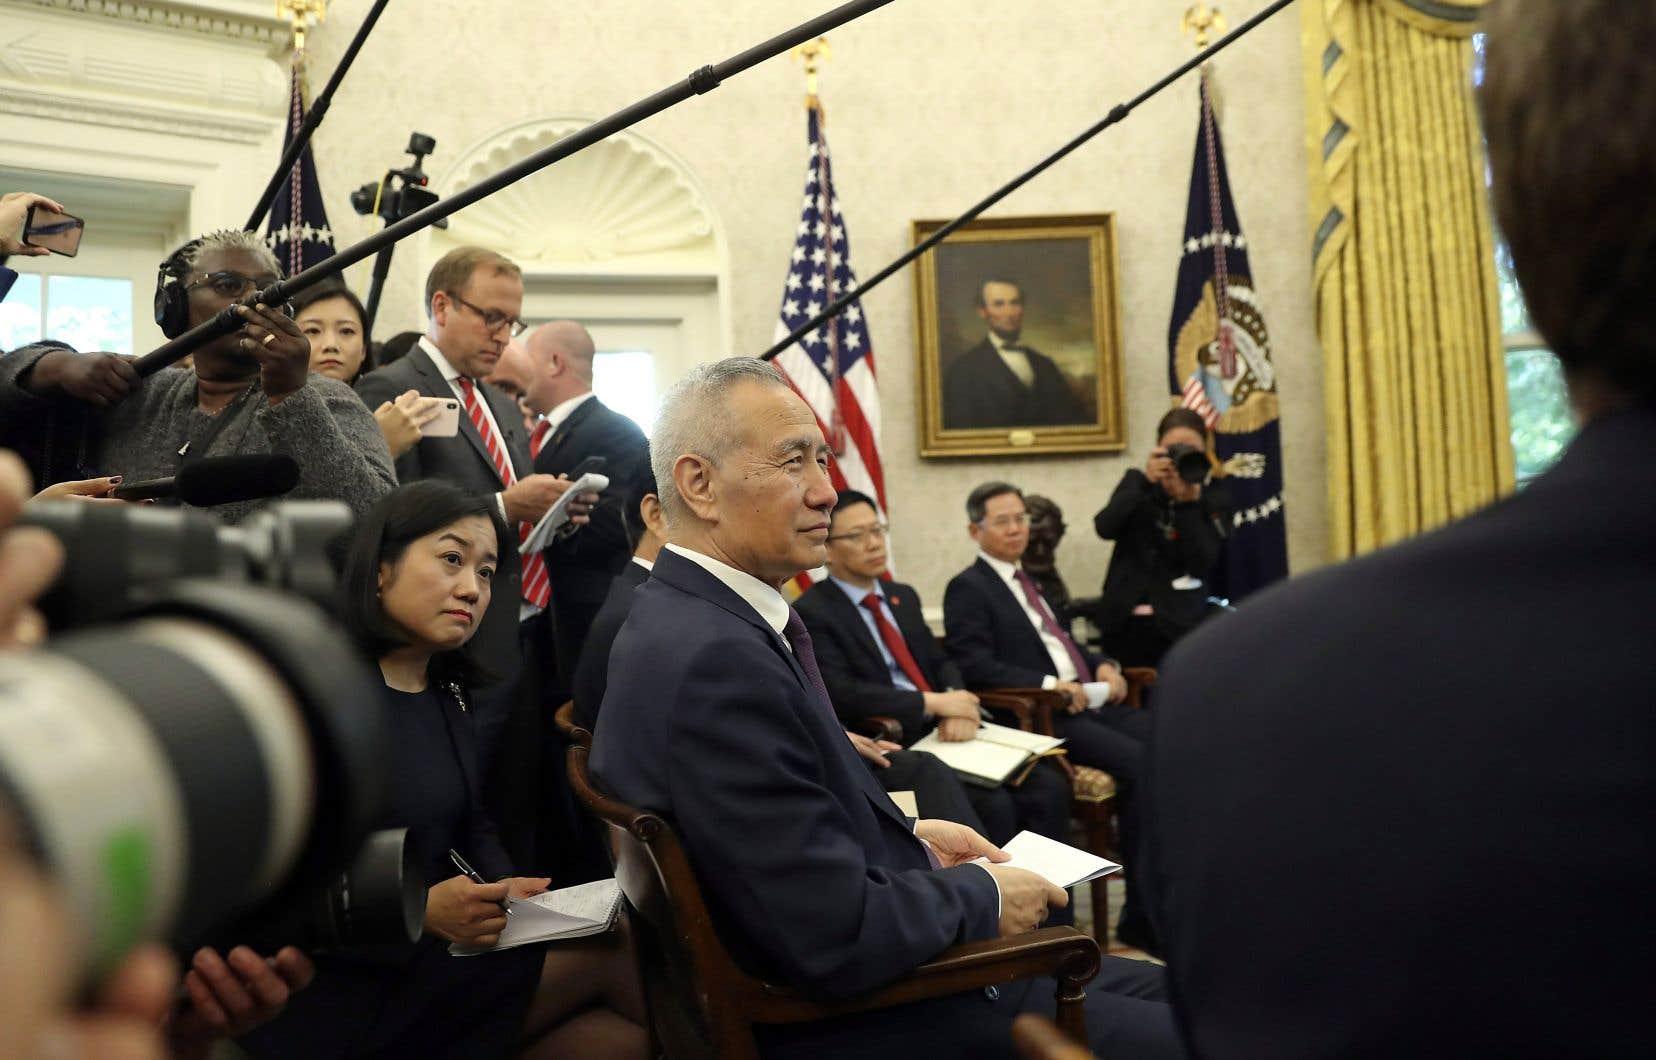 Le vice-premier ministre Liu He, négociateur principal du camp chinois, prêtant l'oreille à Donald Trump dans le Bureau ovale, vendredi après-midi